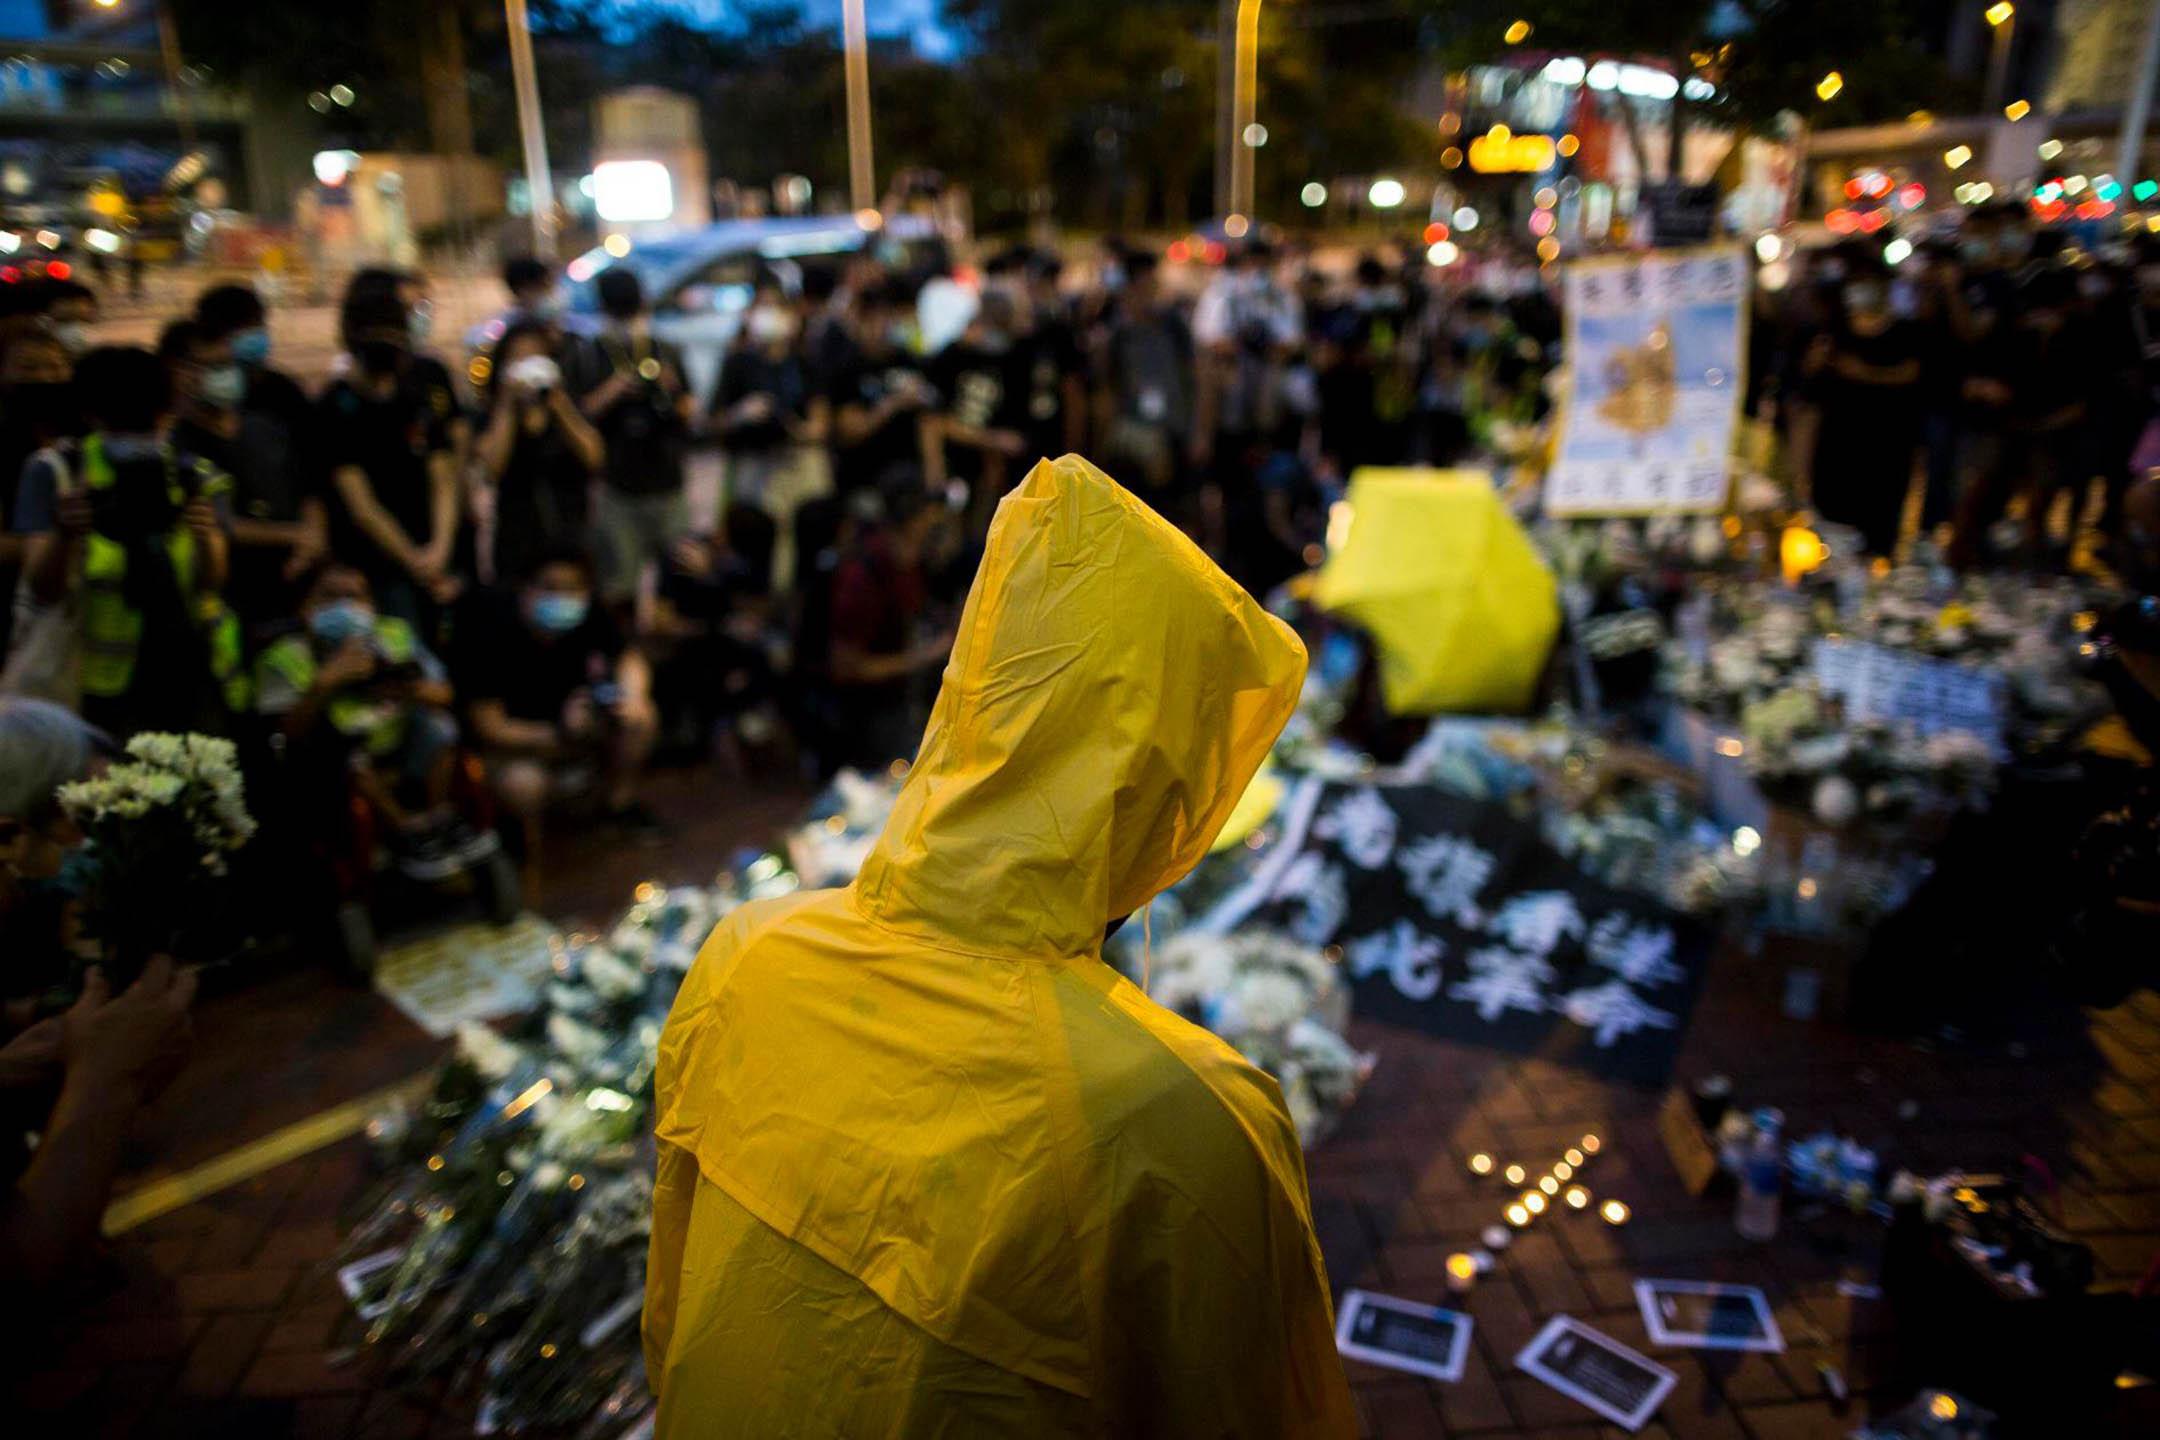 2020年6月15日香港金鐘,梁凌杰逝世一週年,市民自發為他舉行悼念儀式,大批市民排隊獻上鮮花及燭光。 攝:林振東/端傳媒